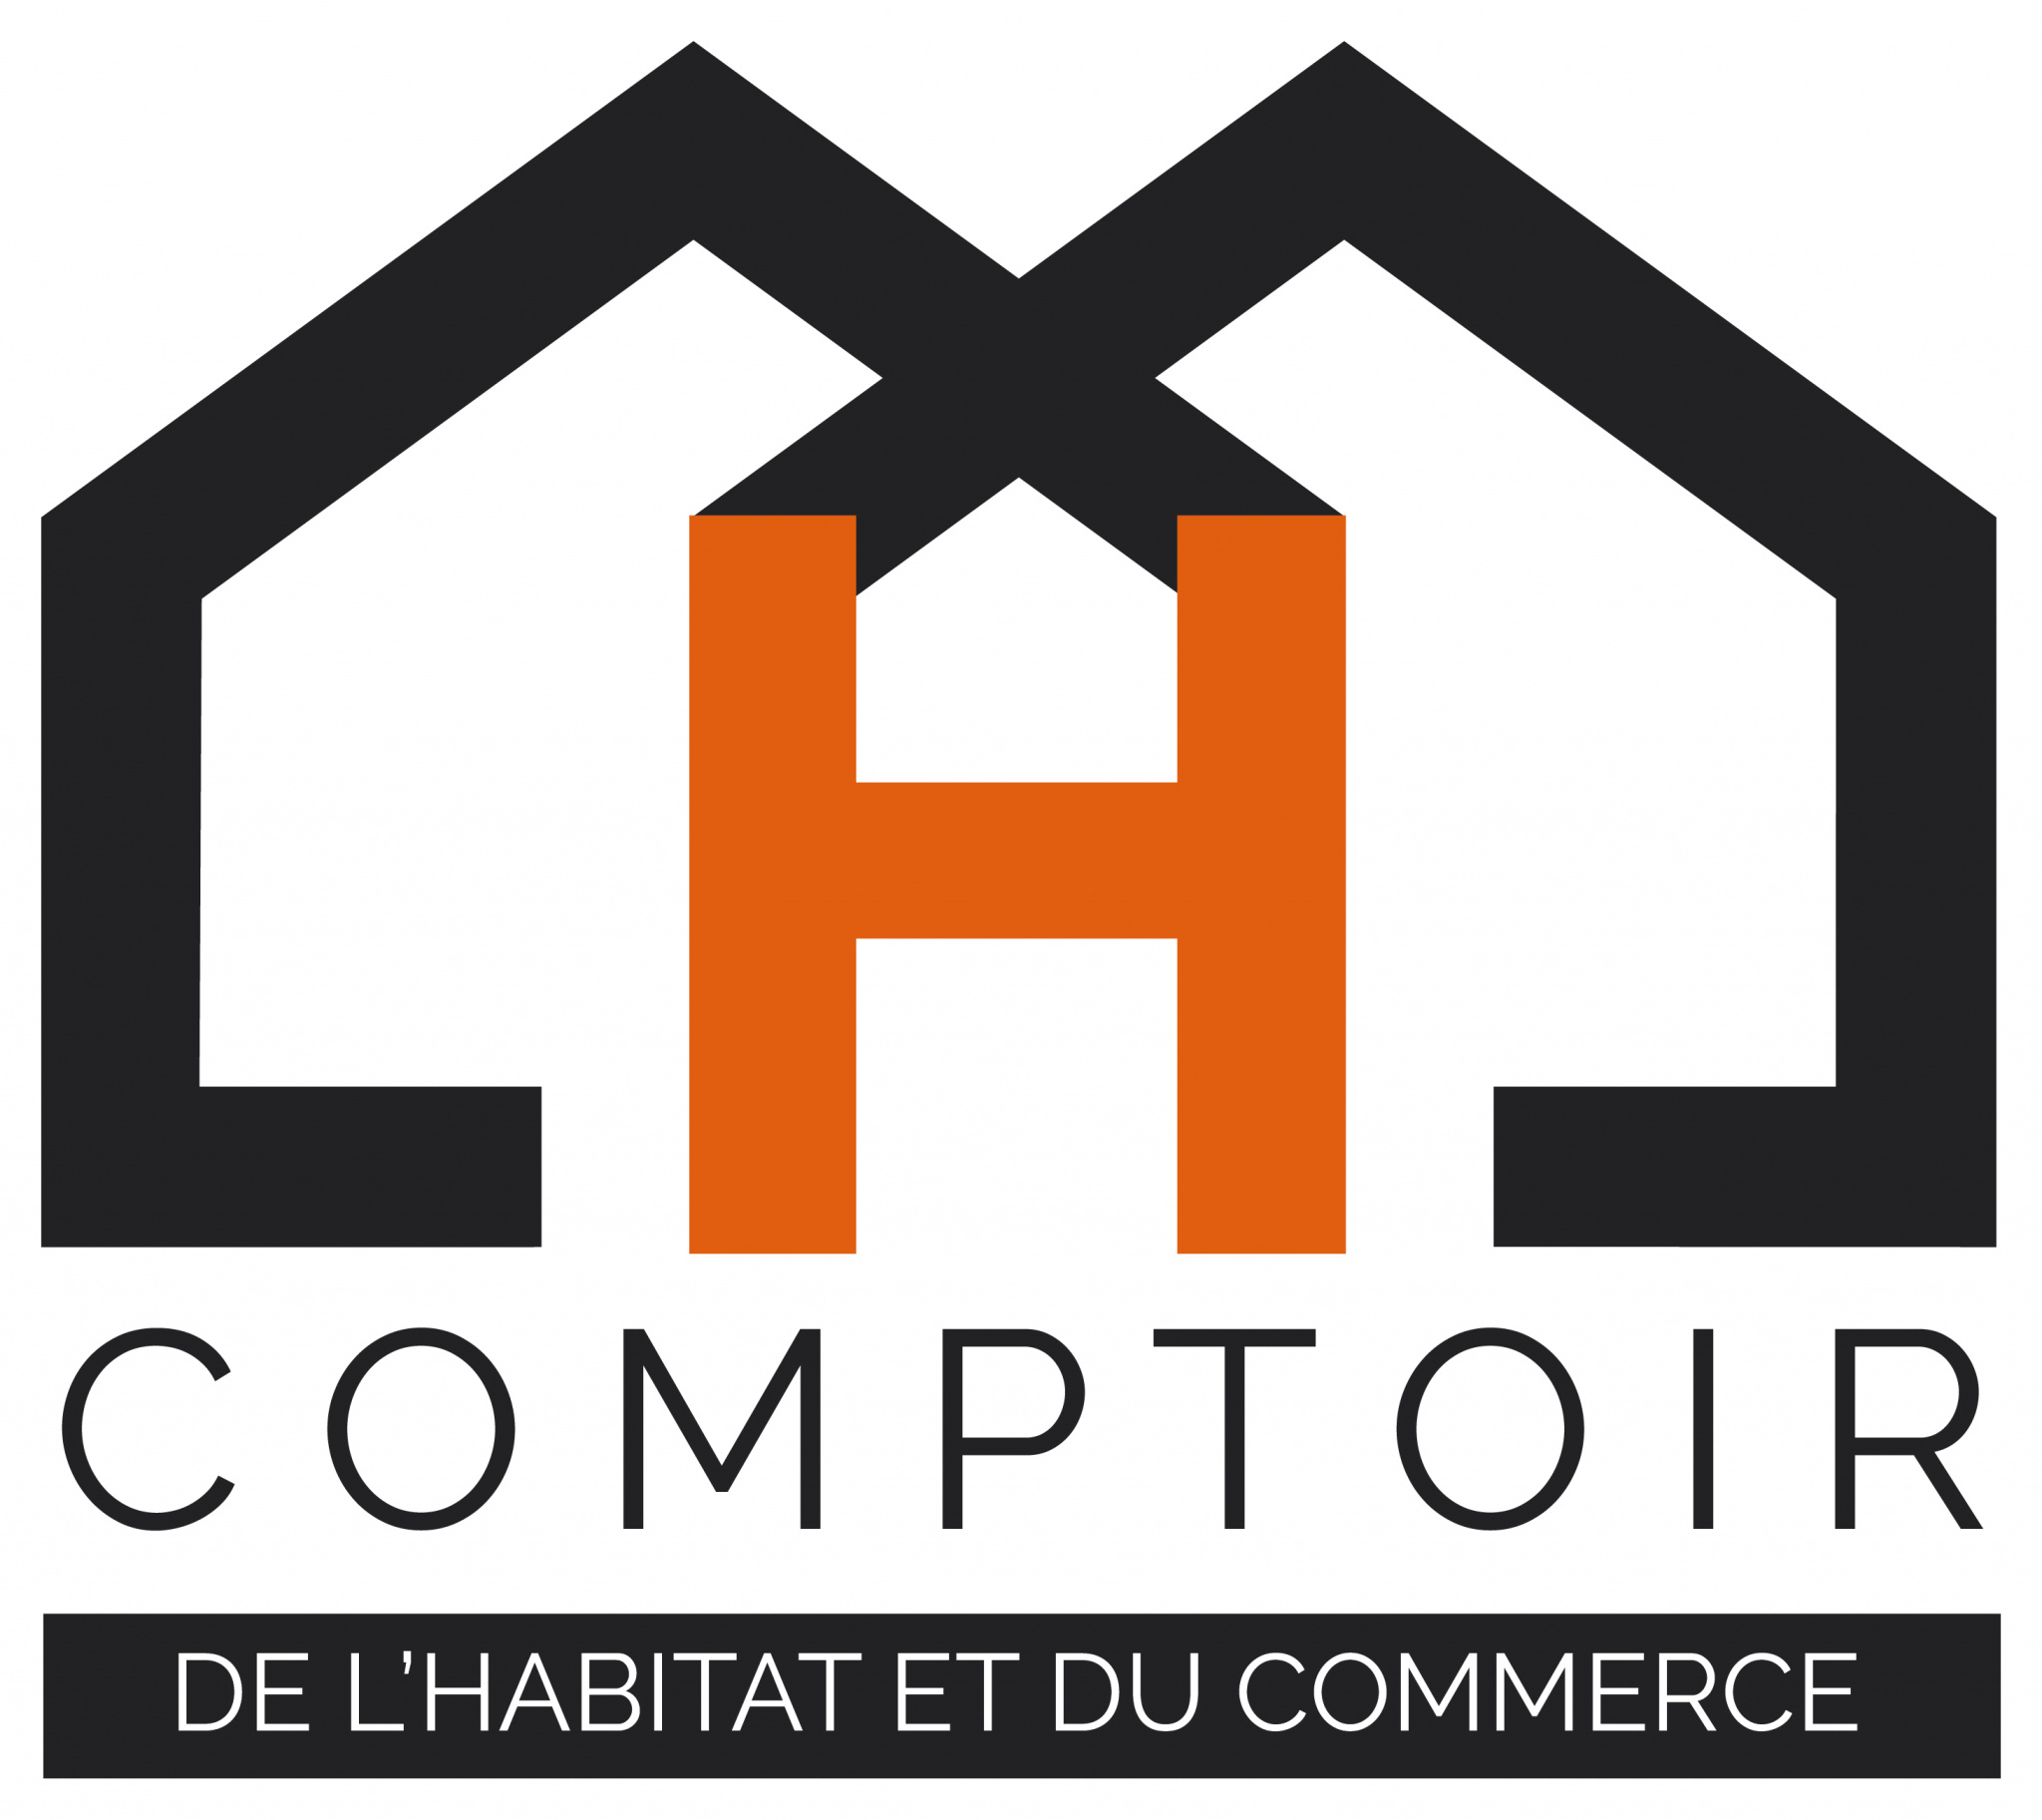 A vendre Grenoble Hyper centre fonds de commerce restauration  - Restaurant